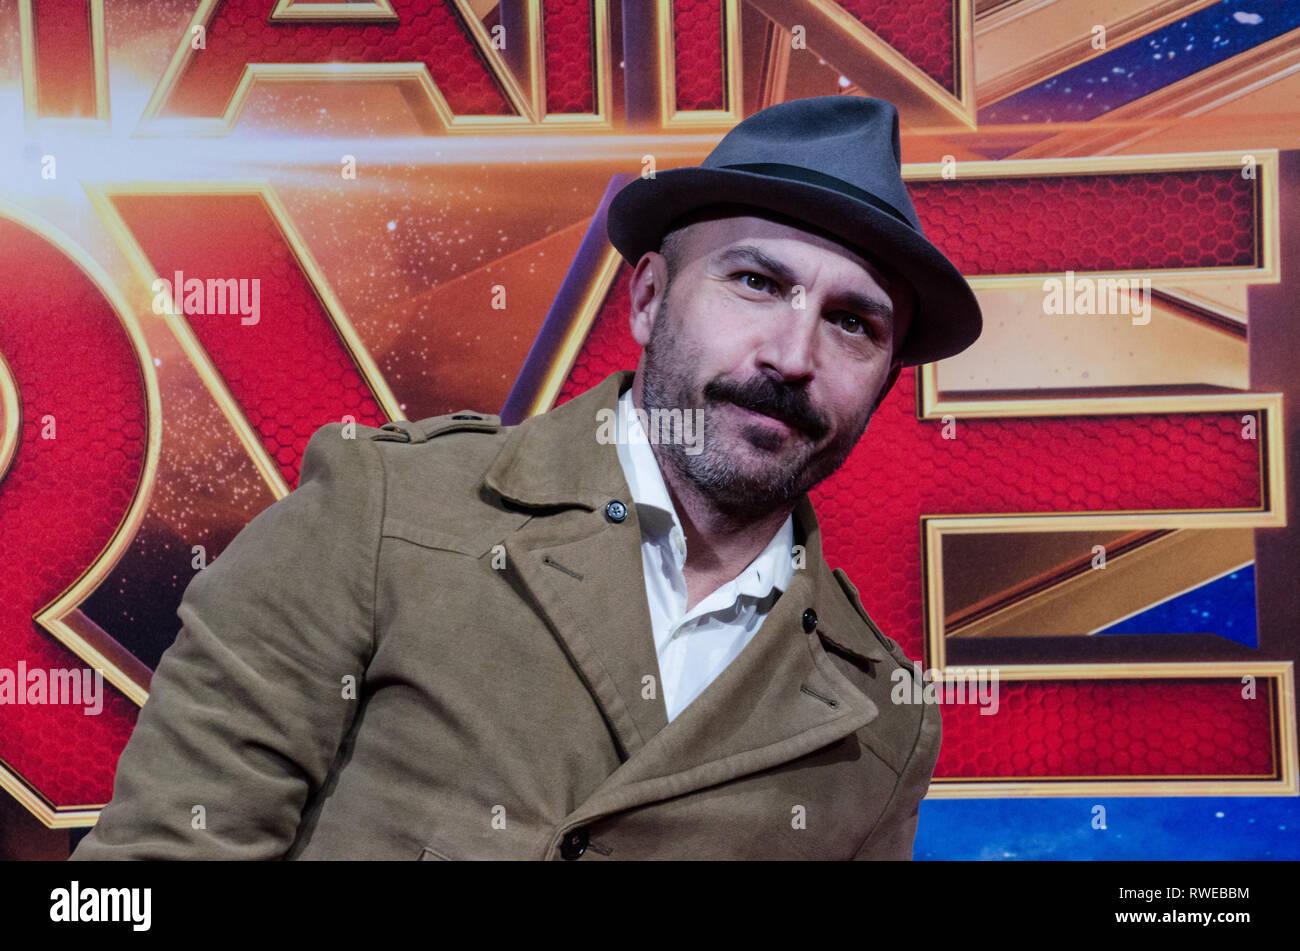 Italian actor and director Maccio Capatonda aka  Marcello Macchia at Captain Marvel premiere red carpet, at Fabrique. Milano, March 5th, 2019 - Stock Image